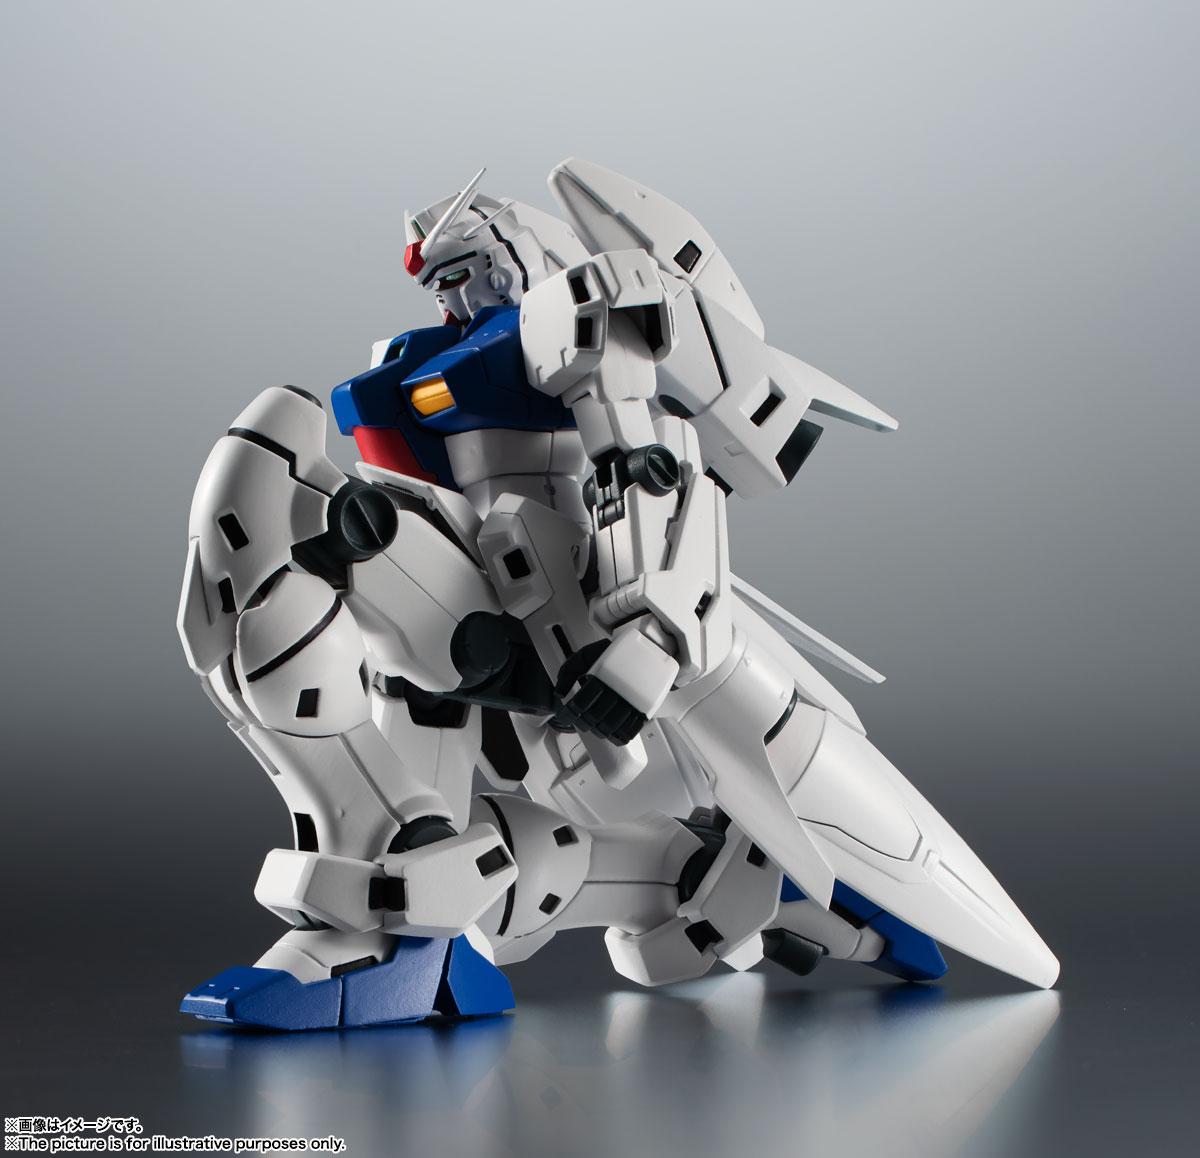 ROBOT魂〈SIDE MS〉『RX-78GP03S ガンダム試作3号機ステイメン ver. A.N.I.M.E.』機動戦士ガンダム0083 可動フィギュア-010